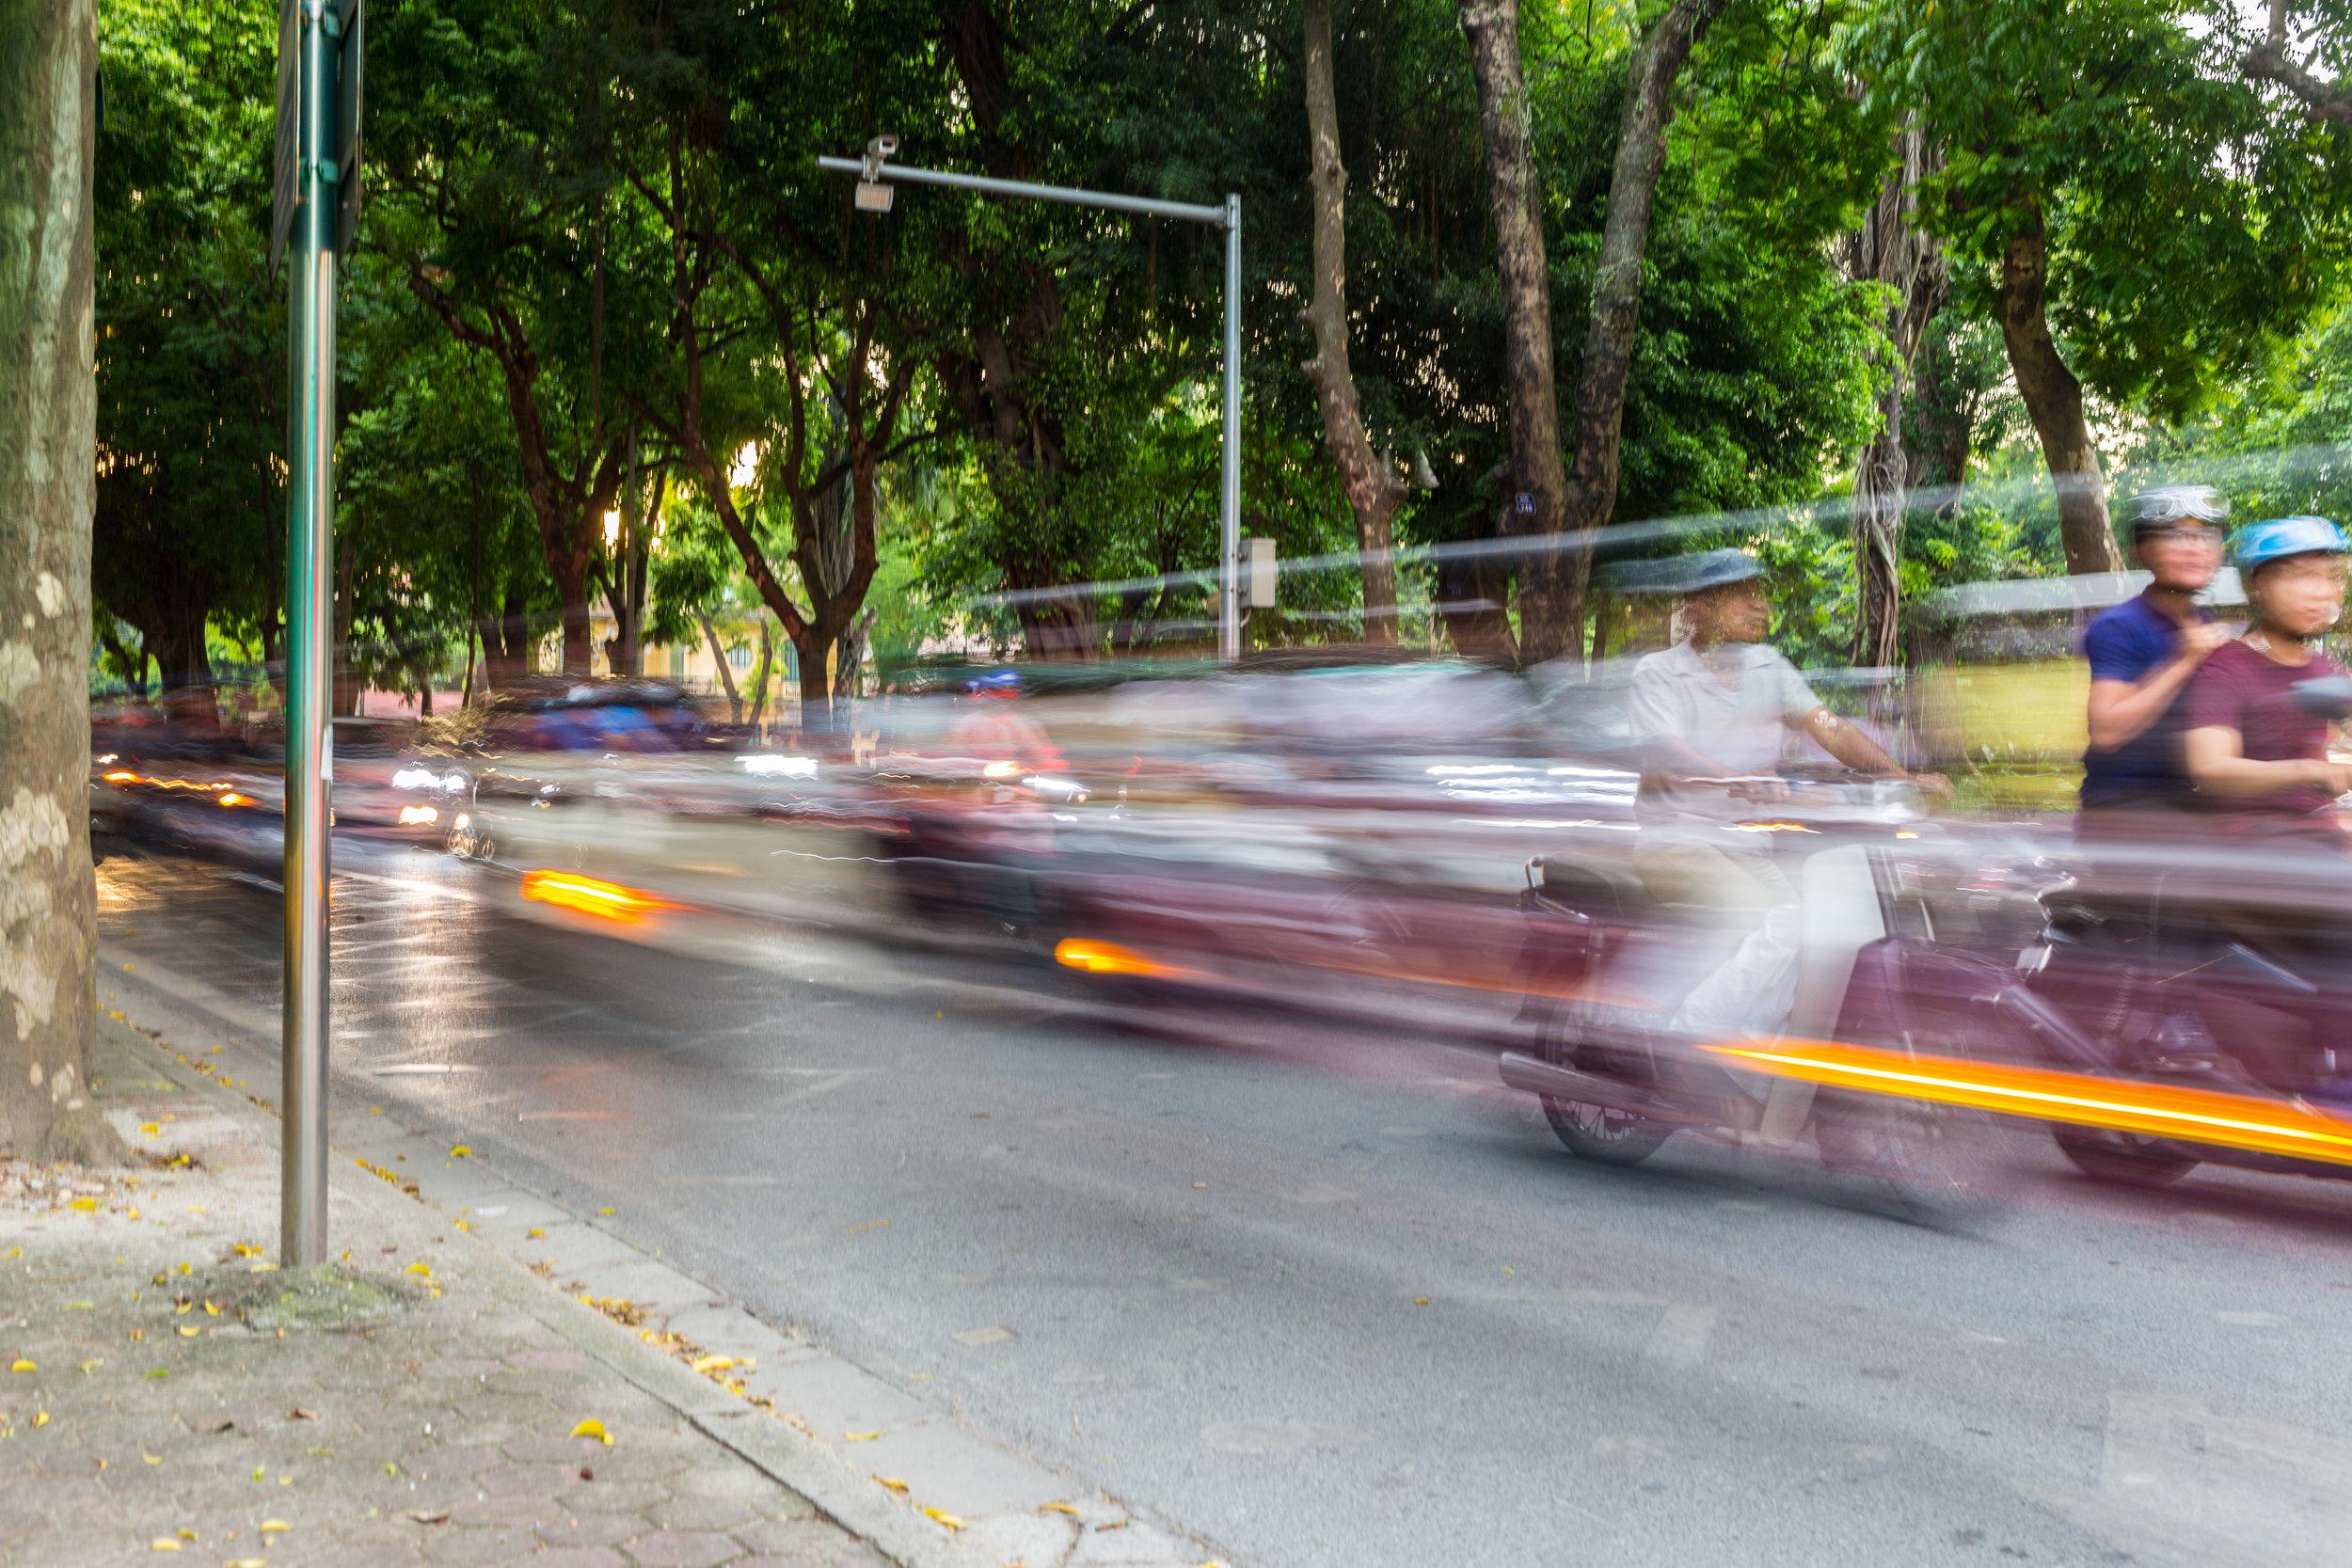 Scooter traffic in Hanoi, Vietnam